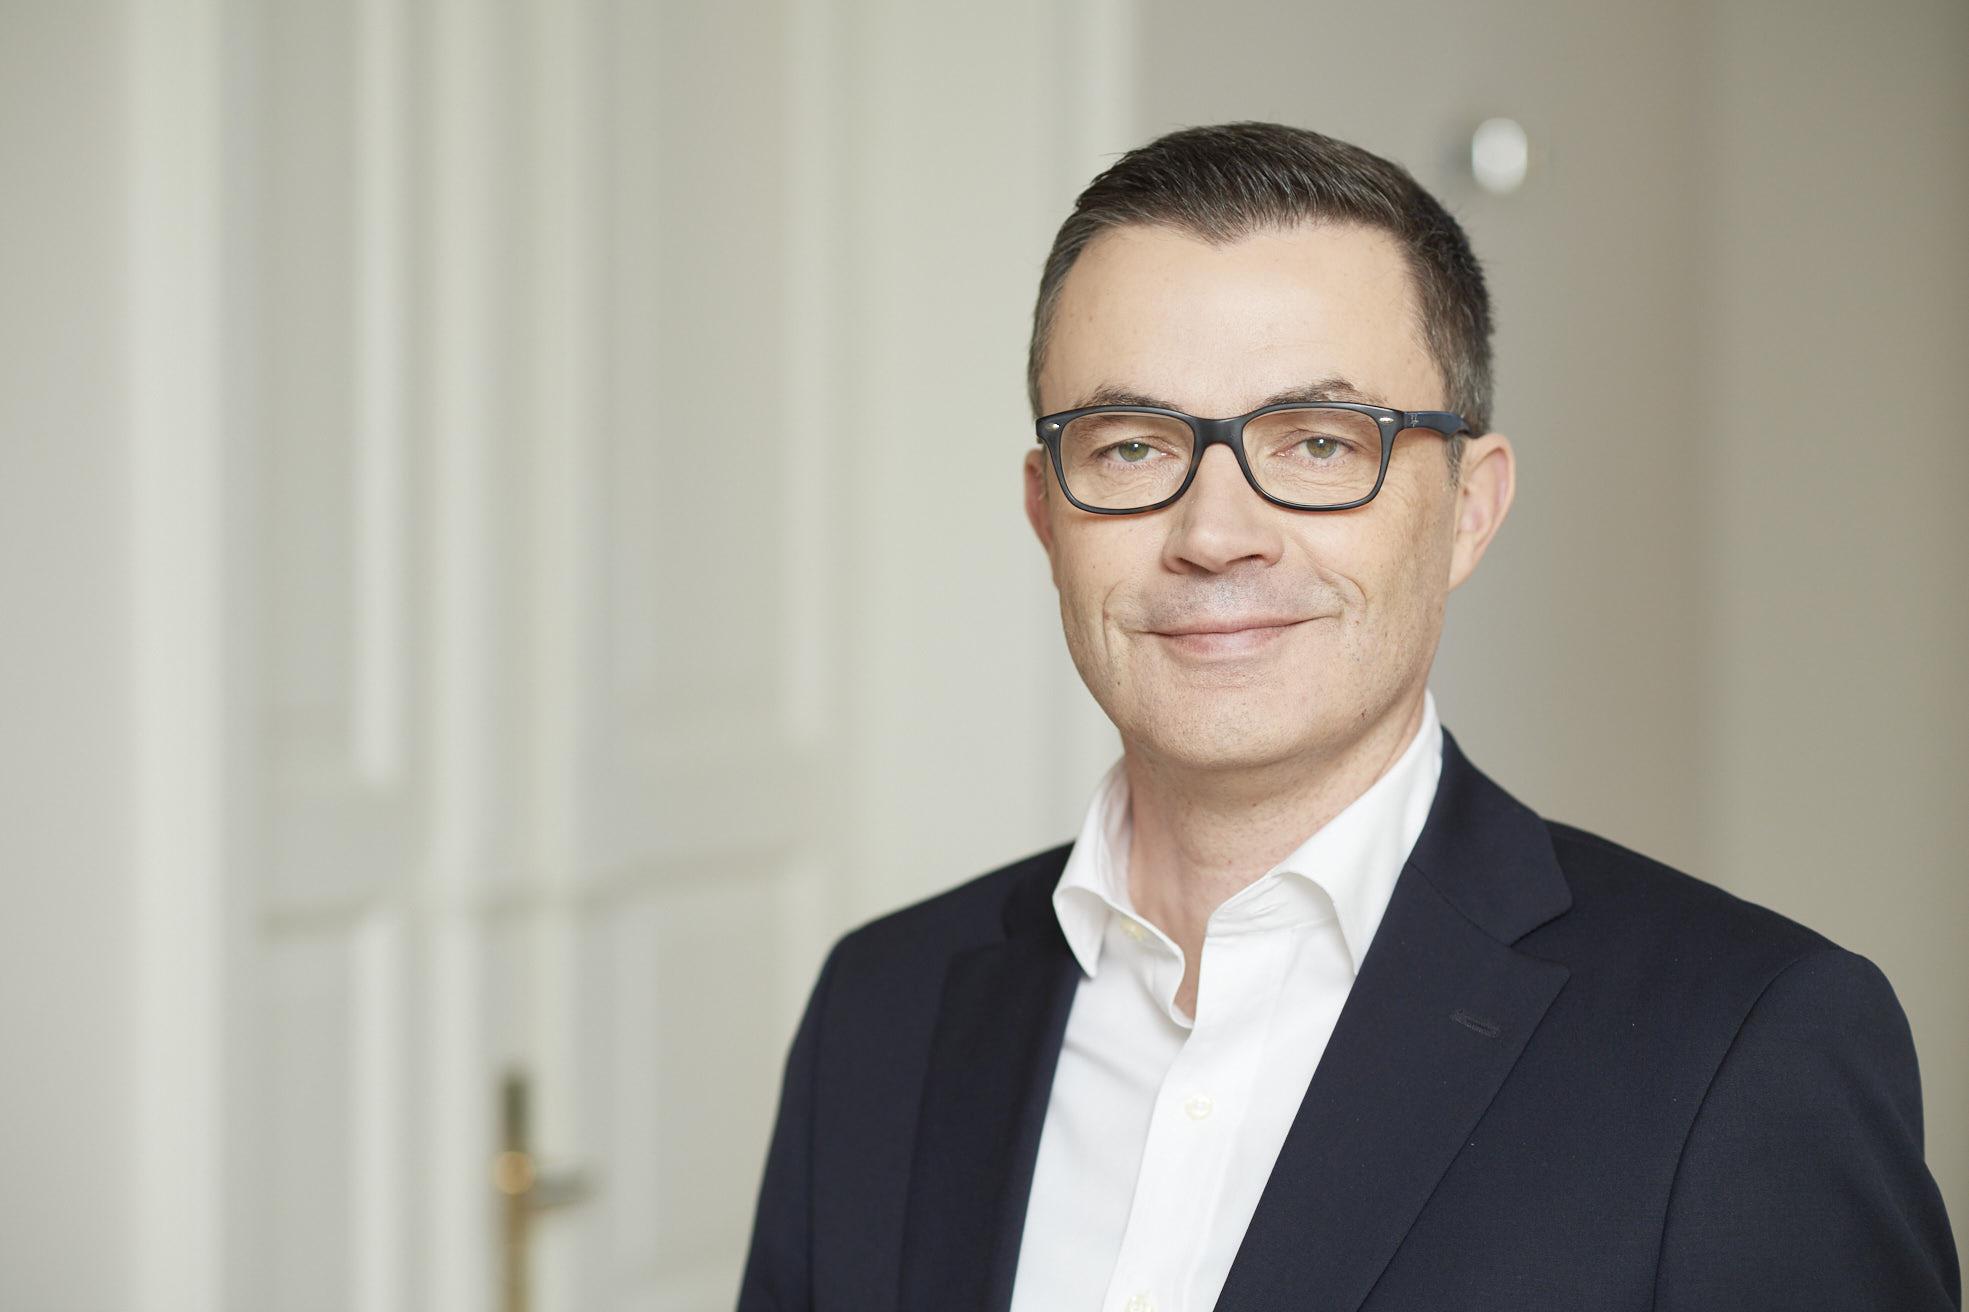 Klaus Bingel